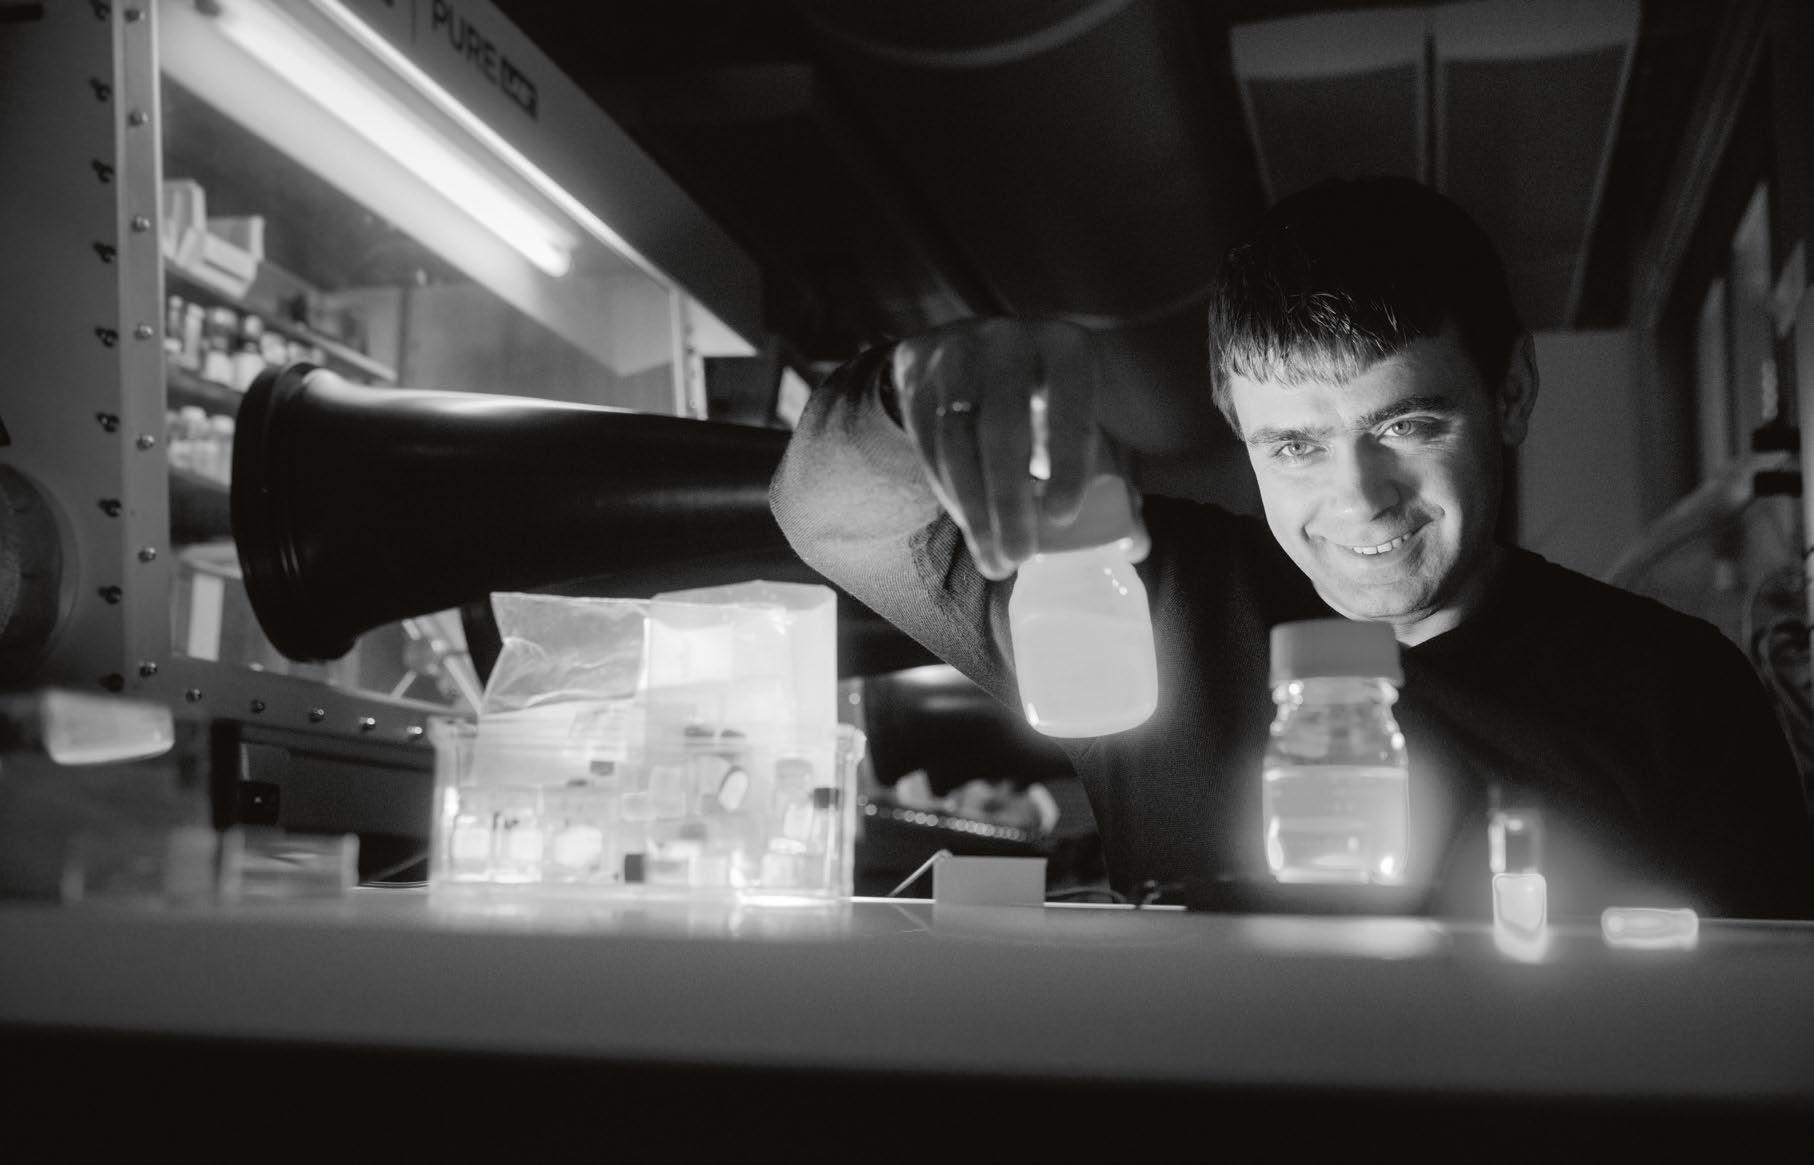 РАЗГОВОР С УЧЕНЫМ: Максим Коваленко, обладатель премии Рёсслера, — восходящая звезда мировой науки